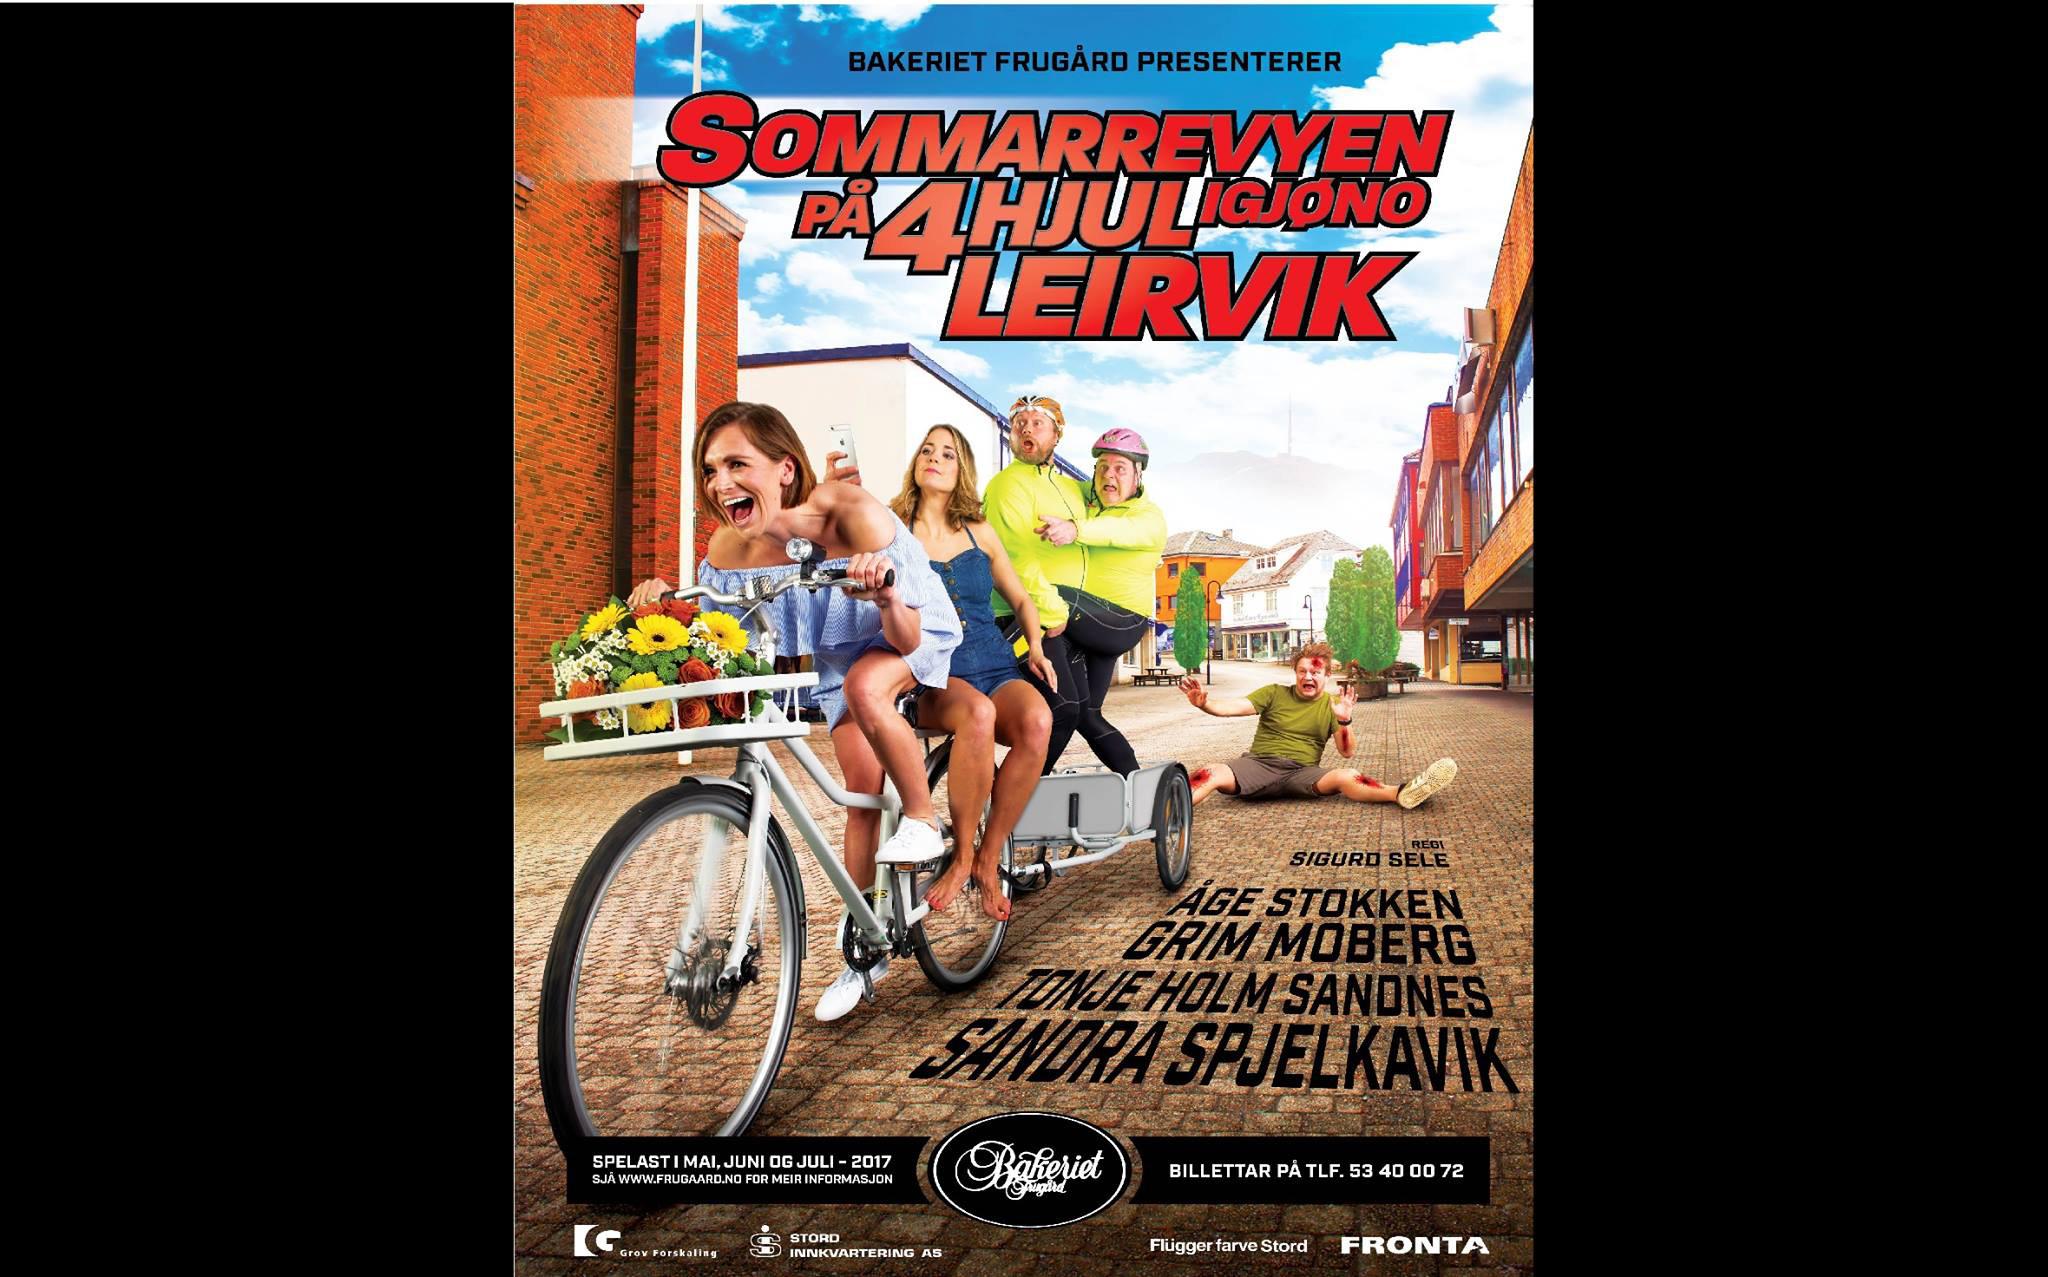 Sommarrevyen på 4 hjul igjøno Leirvik